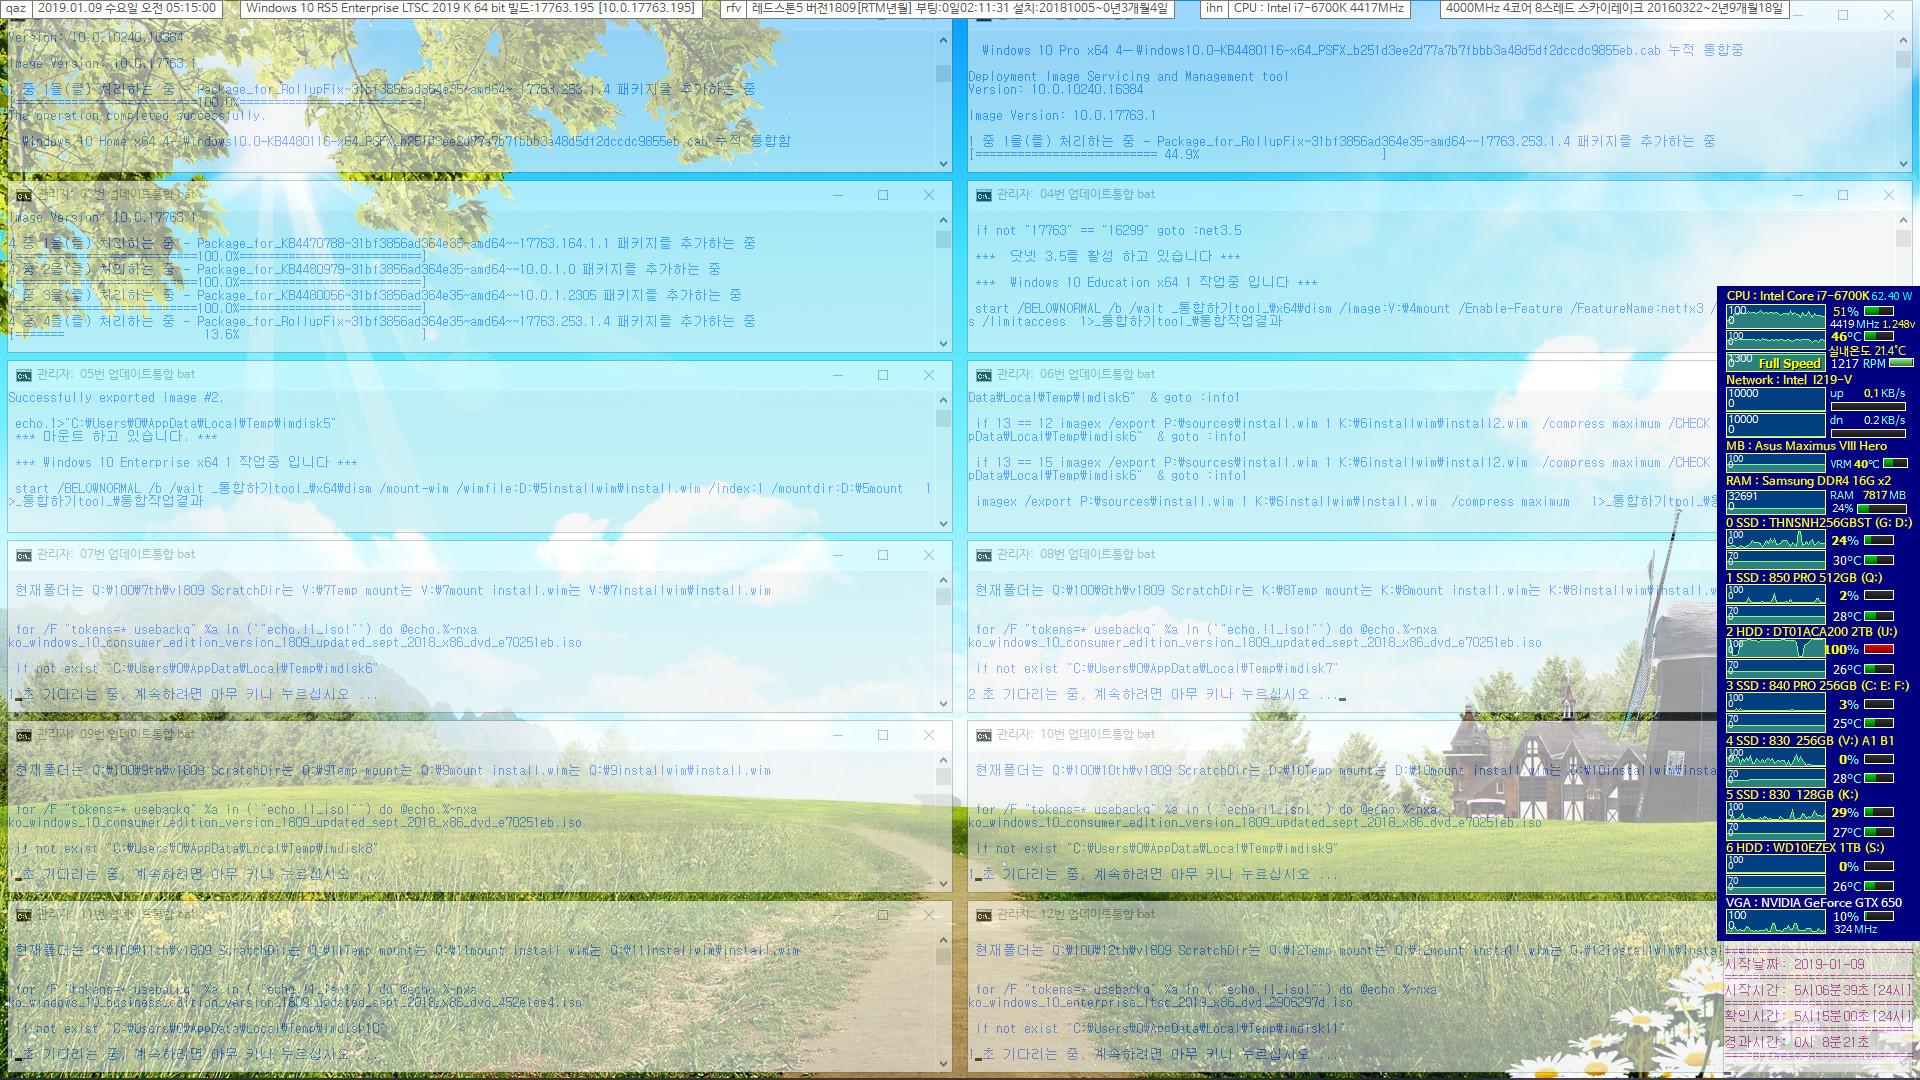 2019년 1월 9일 정기 업데이트 나왔네요 - Windows 10 버전1809용 누적 업데이트 KB4480116 (OS 빌드 17763.253) 통합중 입니다 2019-01-09_051500.jpg